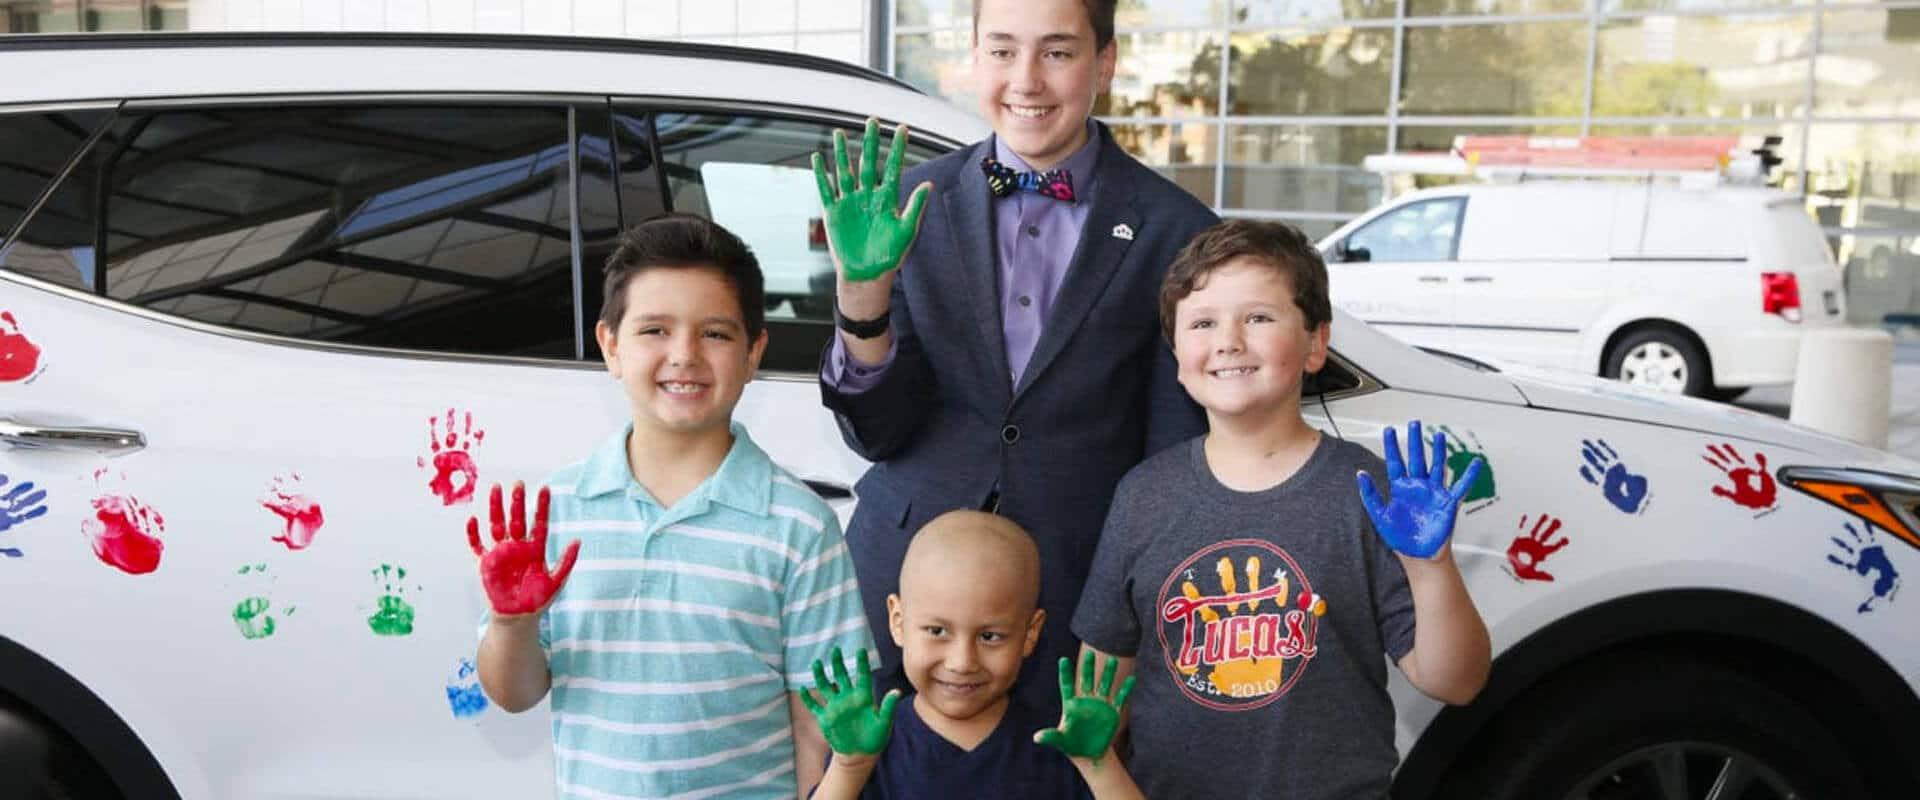 Hyundai je prikupio više od 100 miliona dolara za istraživanje malignih bolesti kod dece